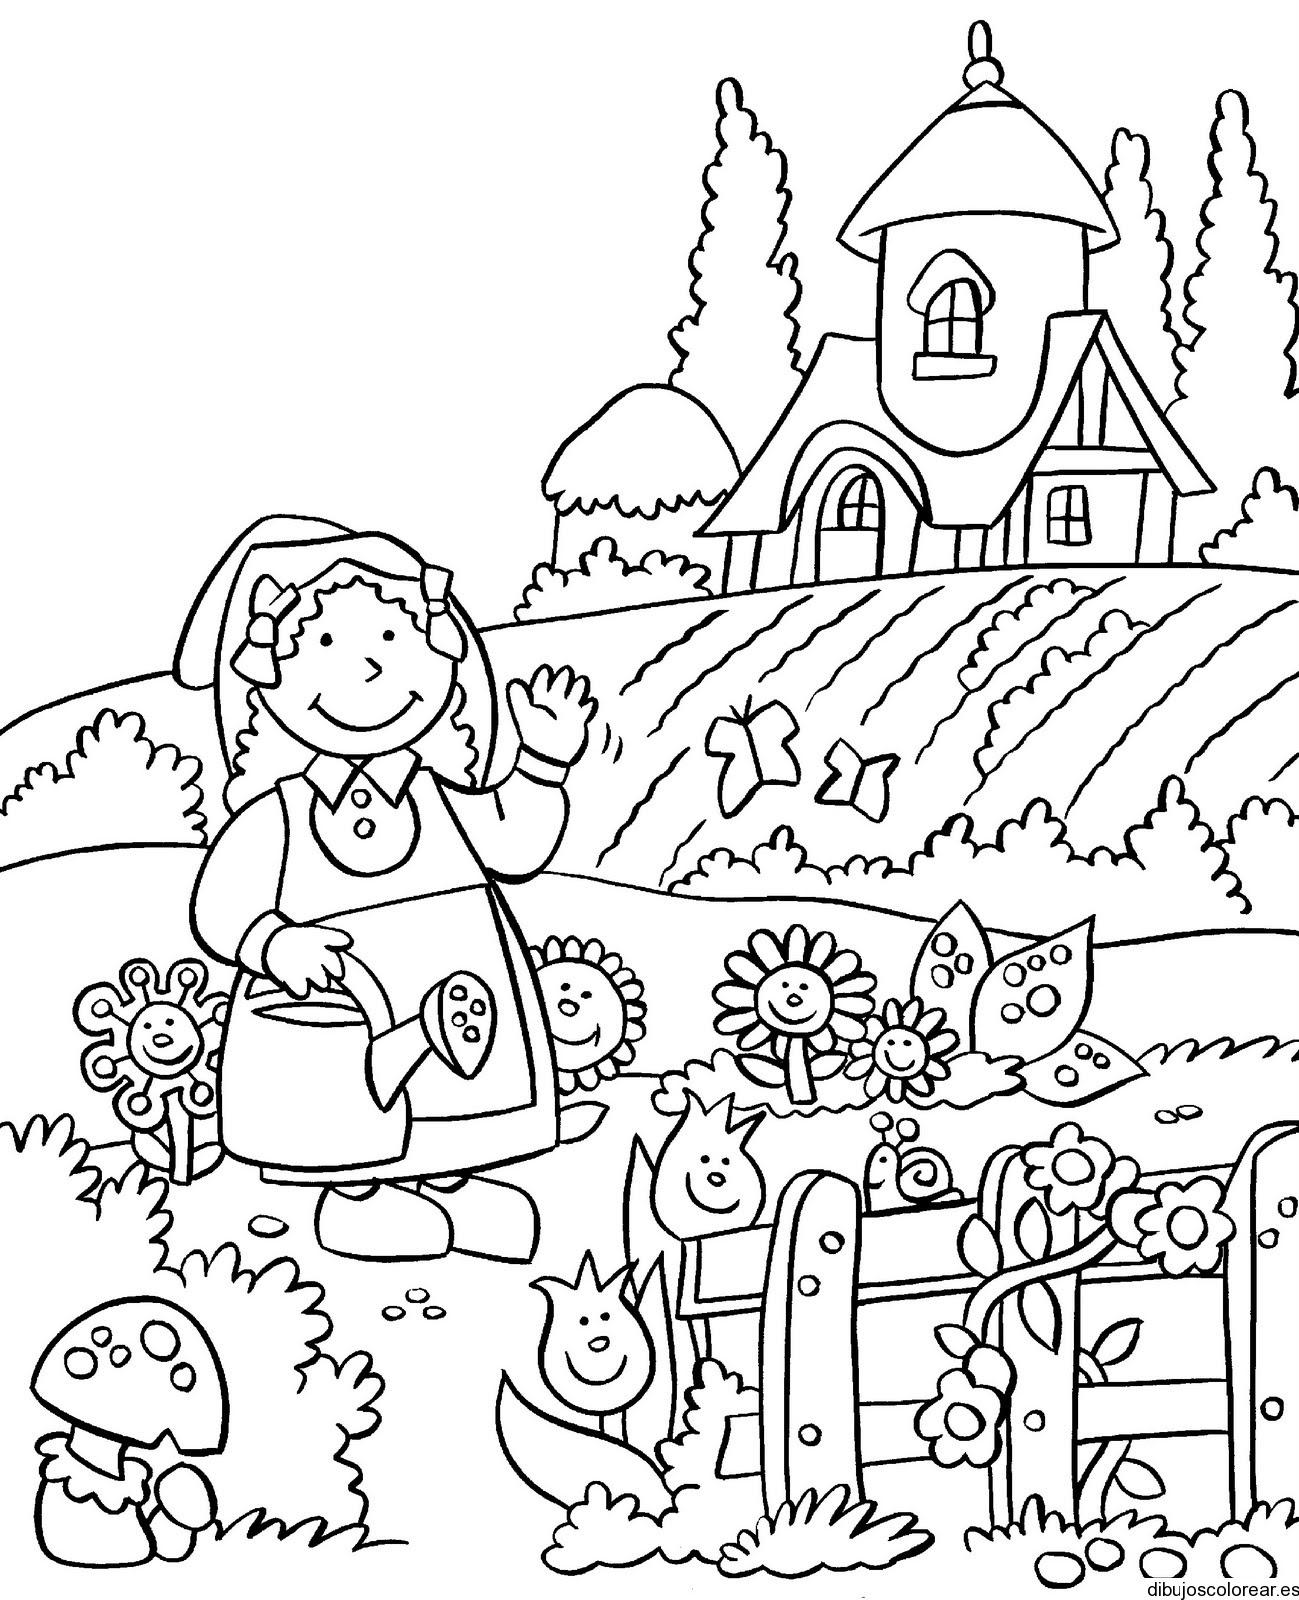 Dibujo De Una Pequeña Granjera En Su Casa